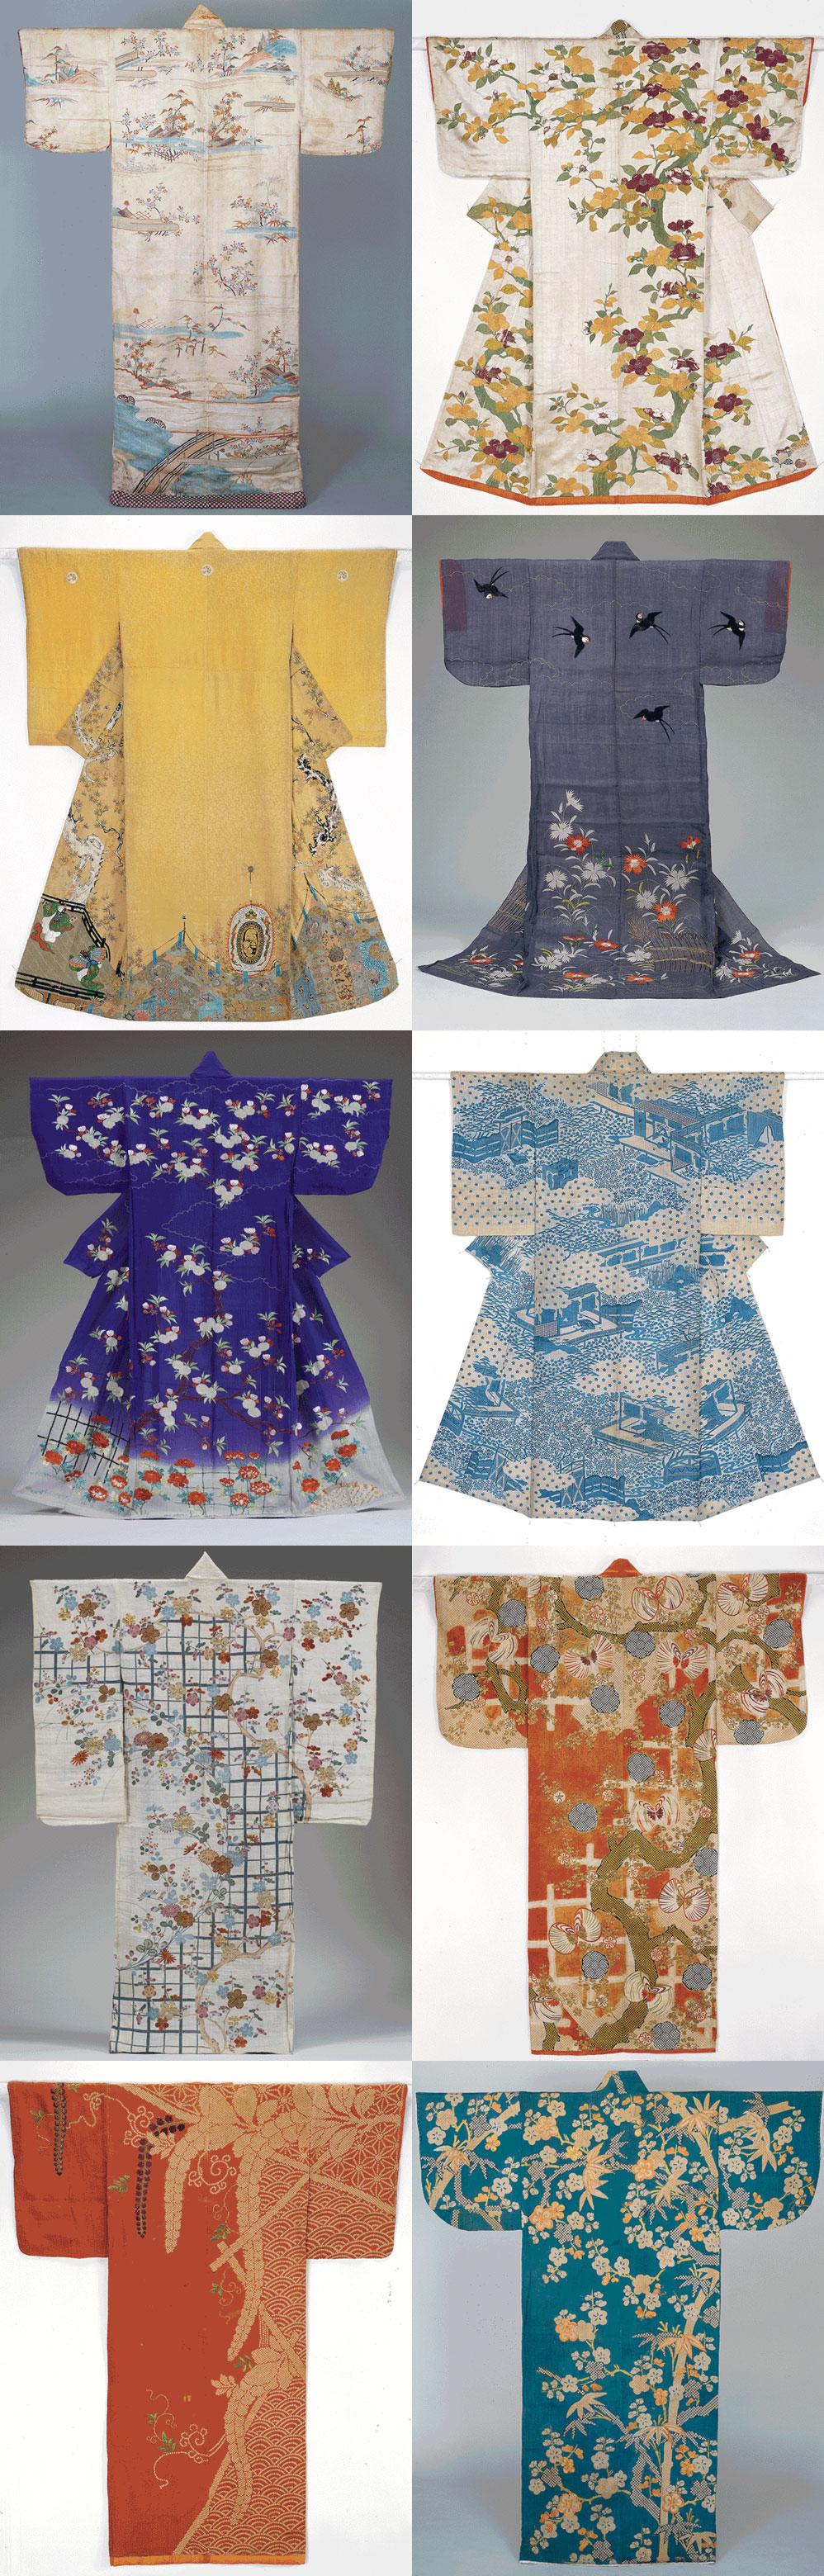 kimono richement brodés et décorés exposés à paris en 2017